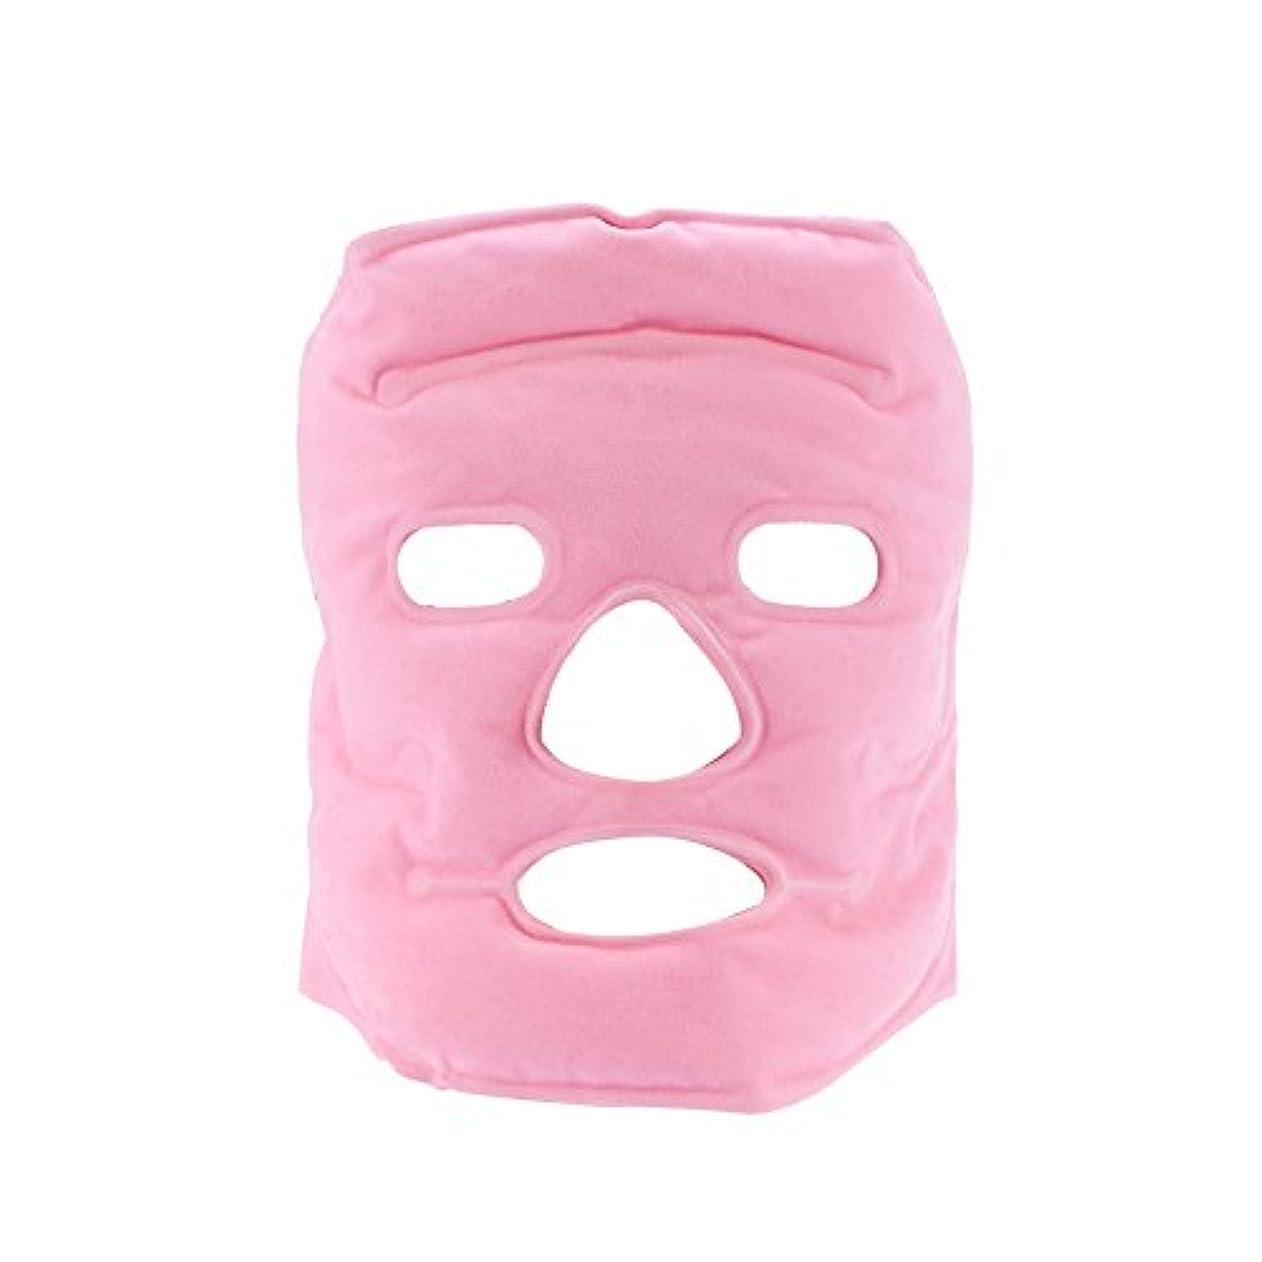 弁護士農民クーポントルマリンフェイスマスク、フェイシャル美容マスク計器トルマリン磁気コールド/ホットコンプレッションマッサージアンチリンクルフェイスケア女性